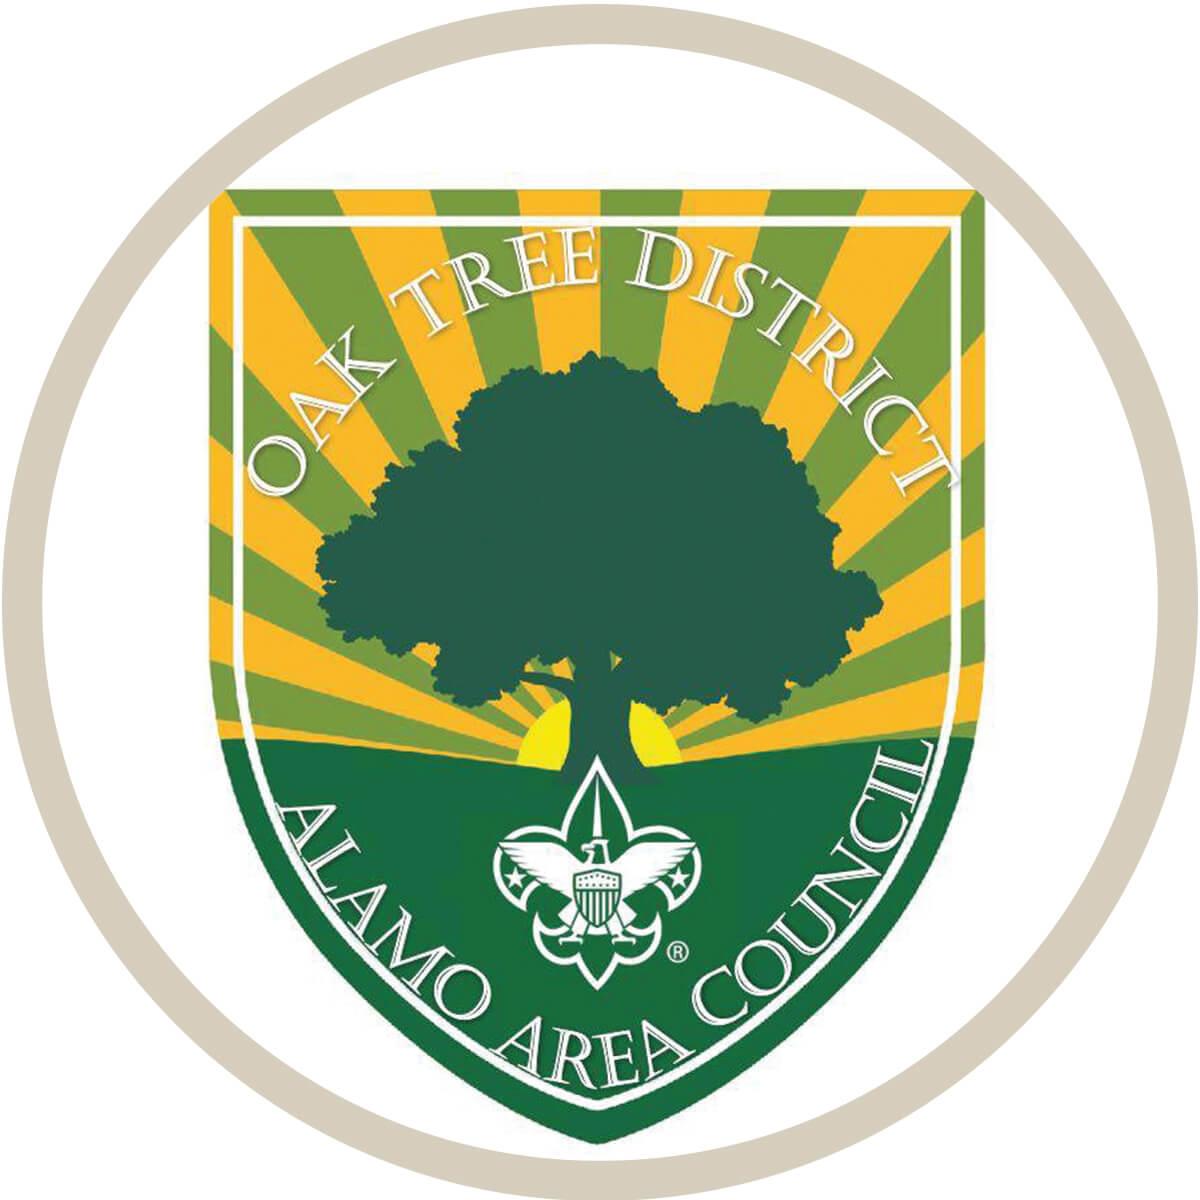 Logo in mask